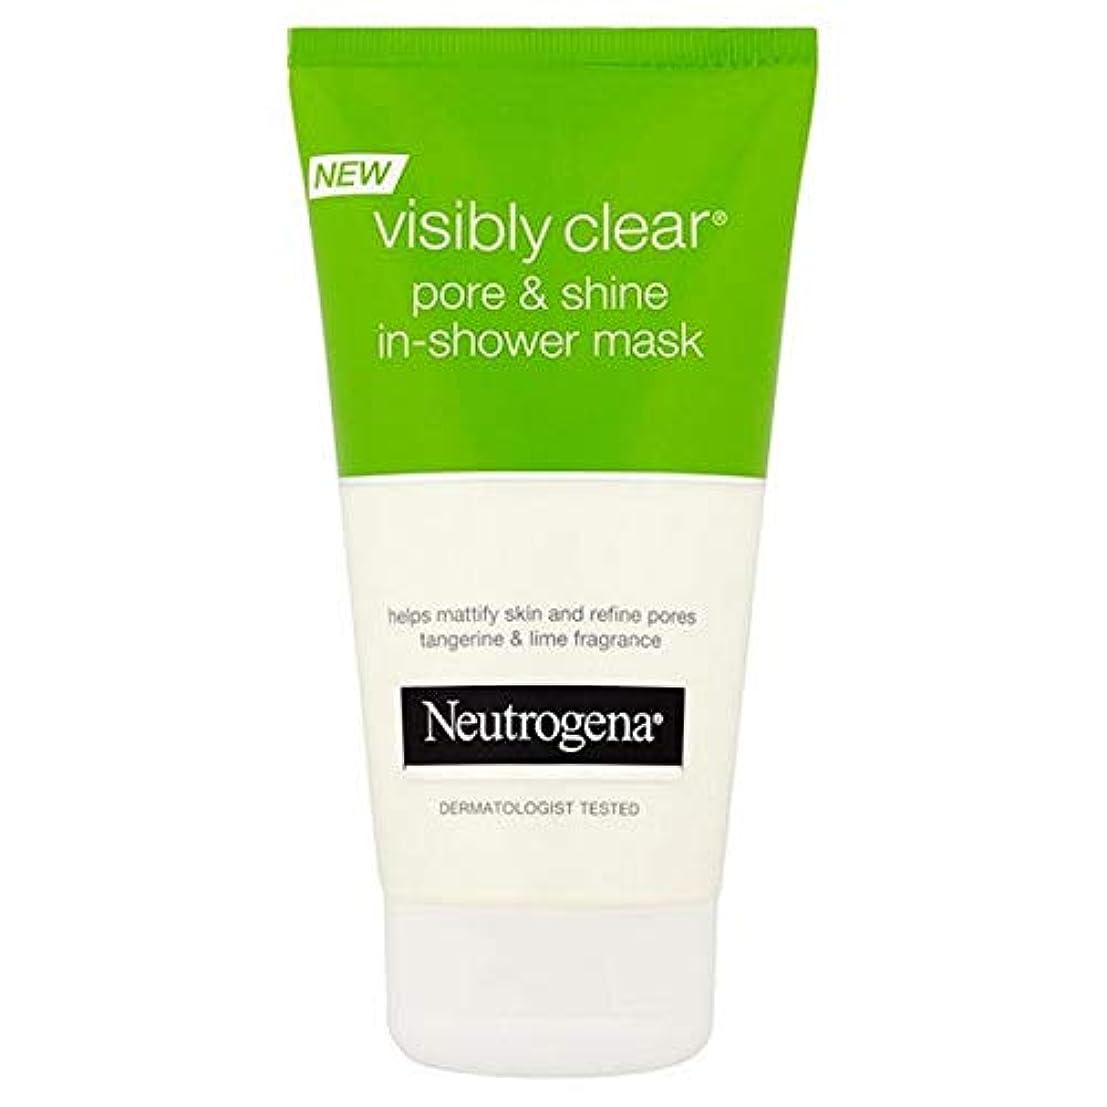 溶けたデータ観点[Neutrogena] シャワーマスク150ミリリットルでニュートロジーナ目に見えて明らかポア&輝き - Neutrogena Visibly Clear Pore & Shine In Shower Mask 150ml...